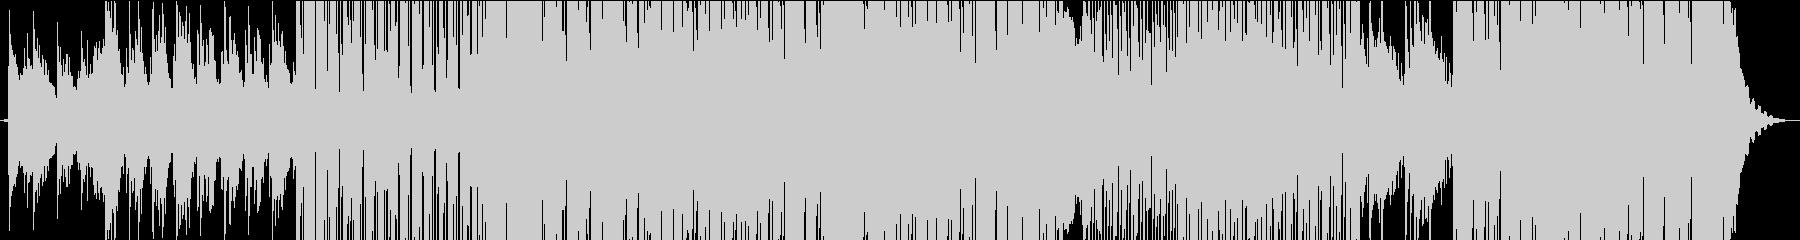 琴のメロディがエスニックな和風楽曲の未再生の波形